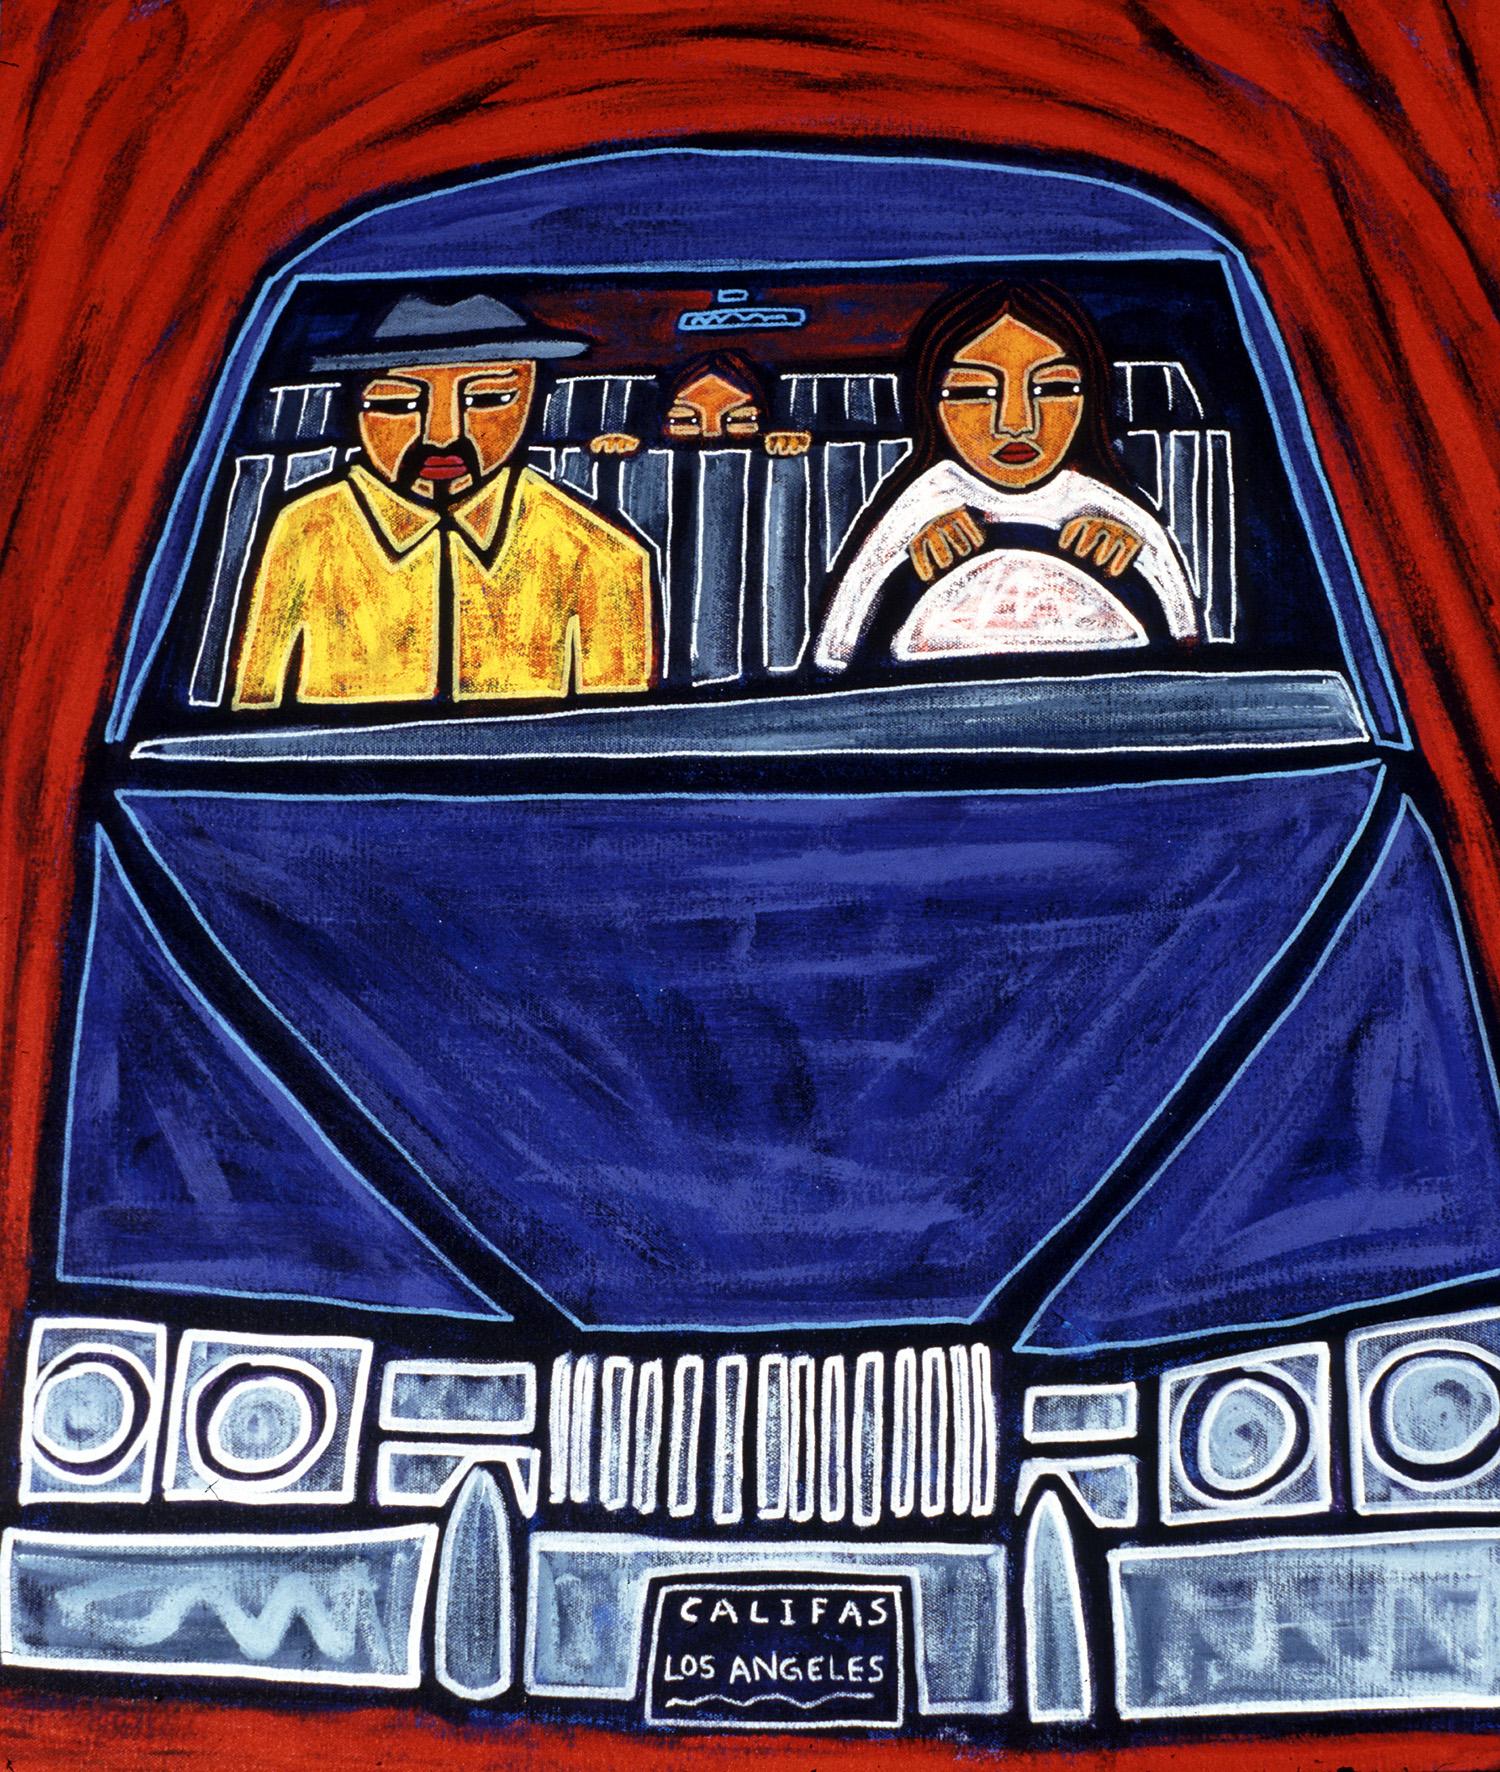 roadtrip to aztlan, 1998, 23x27